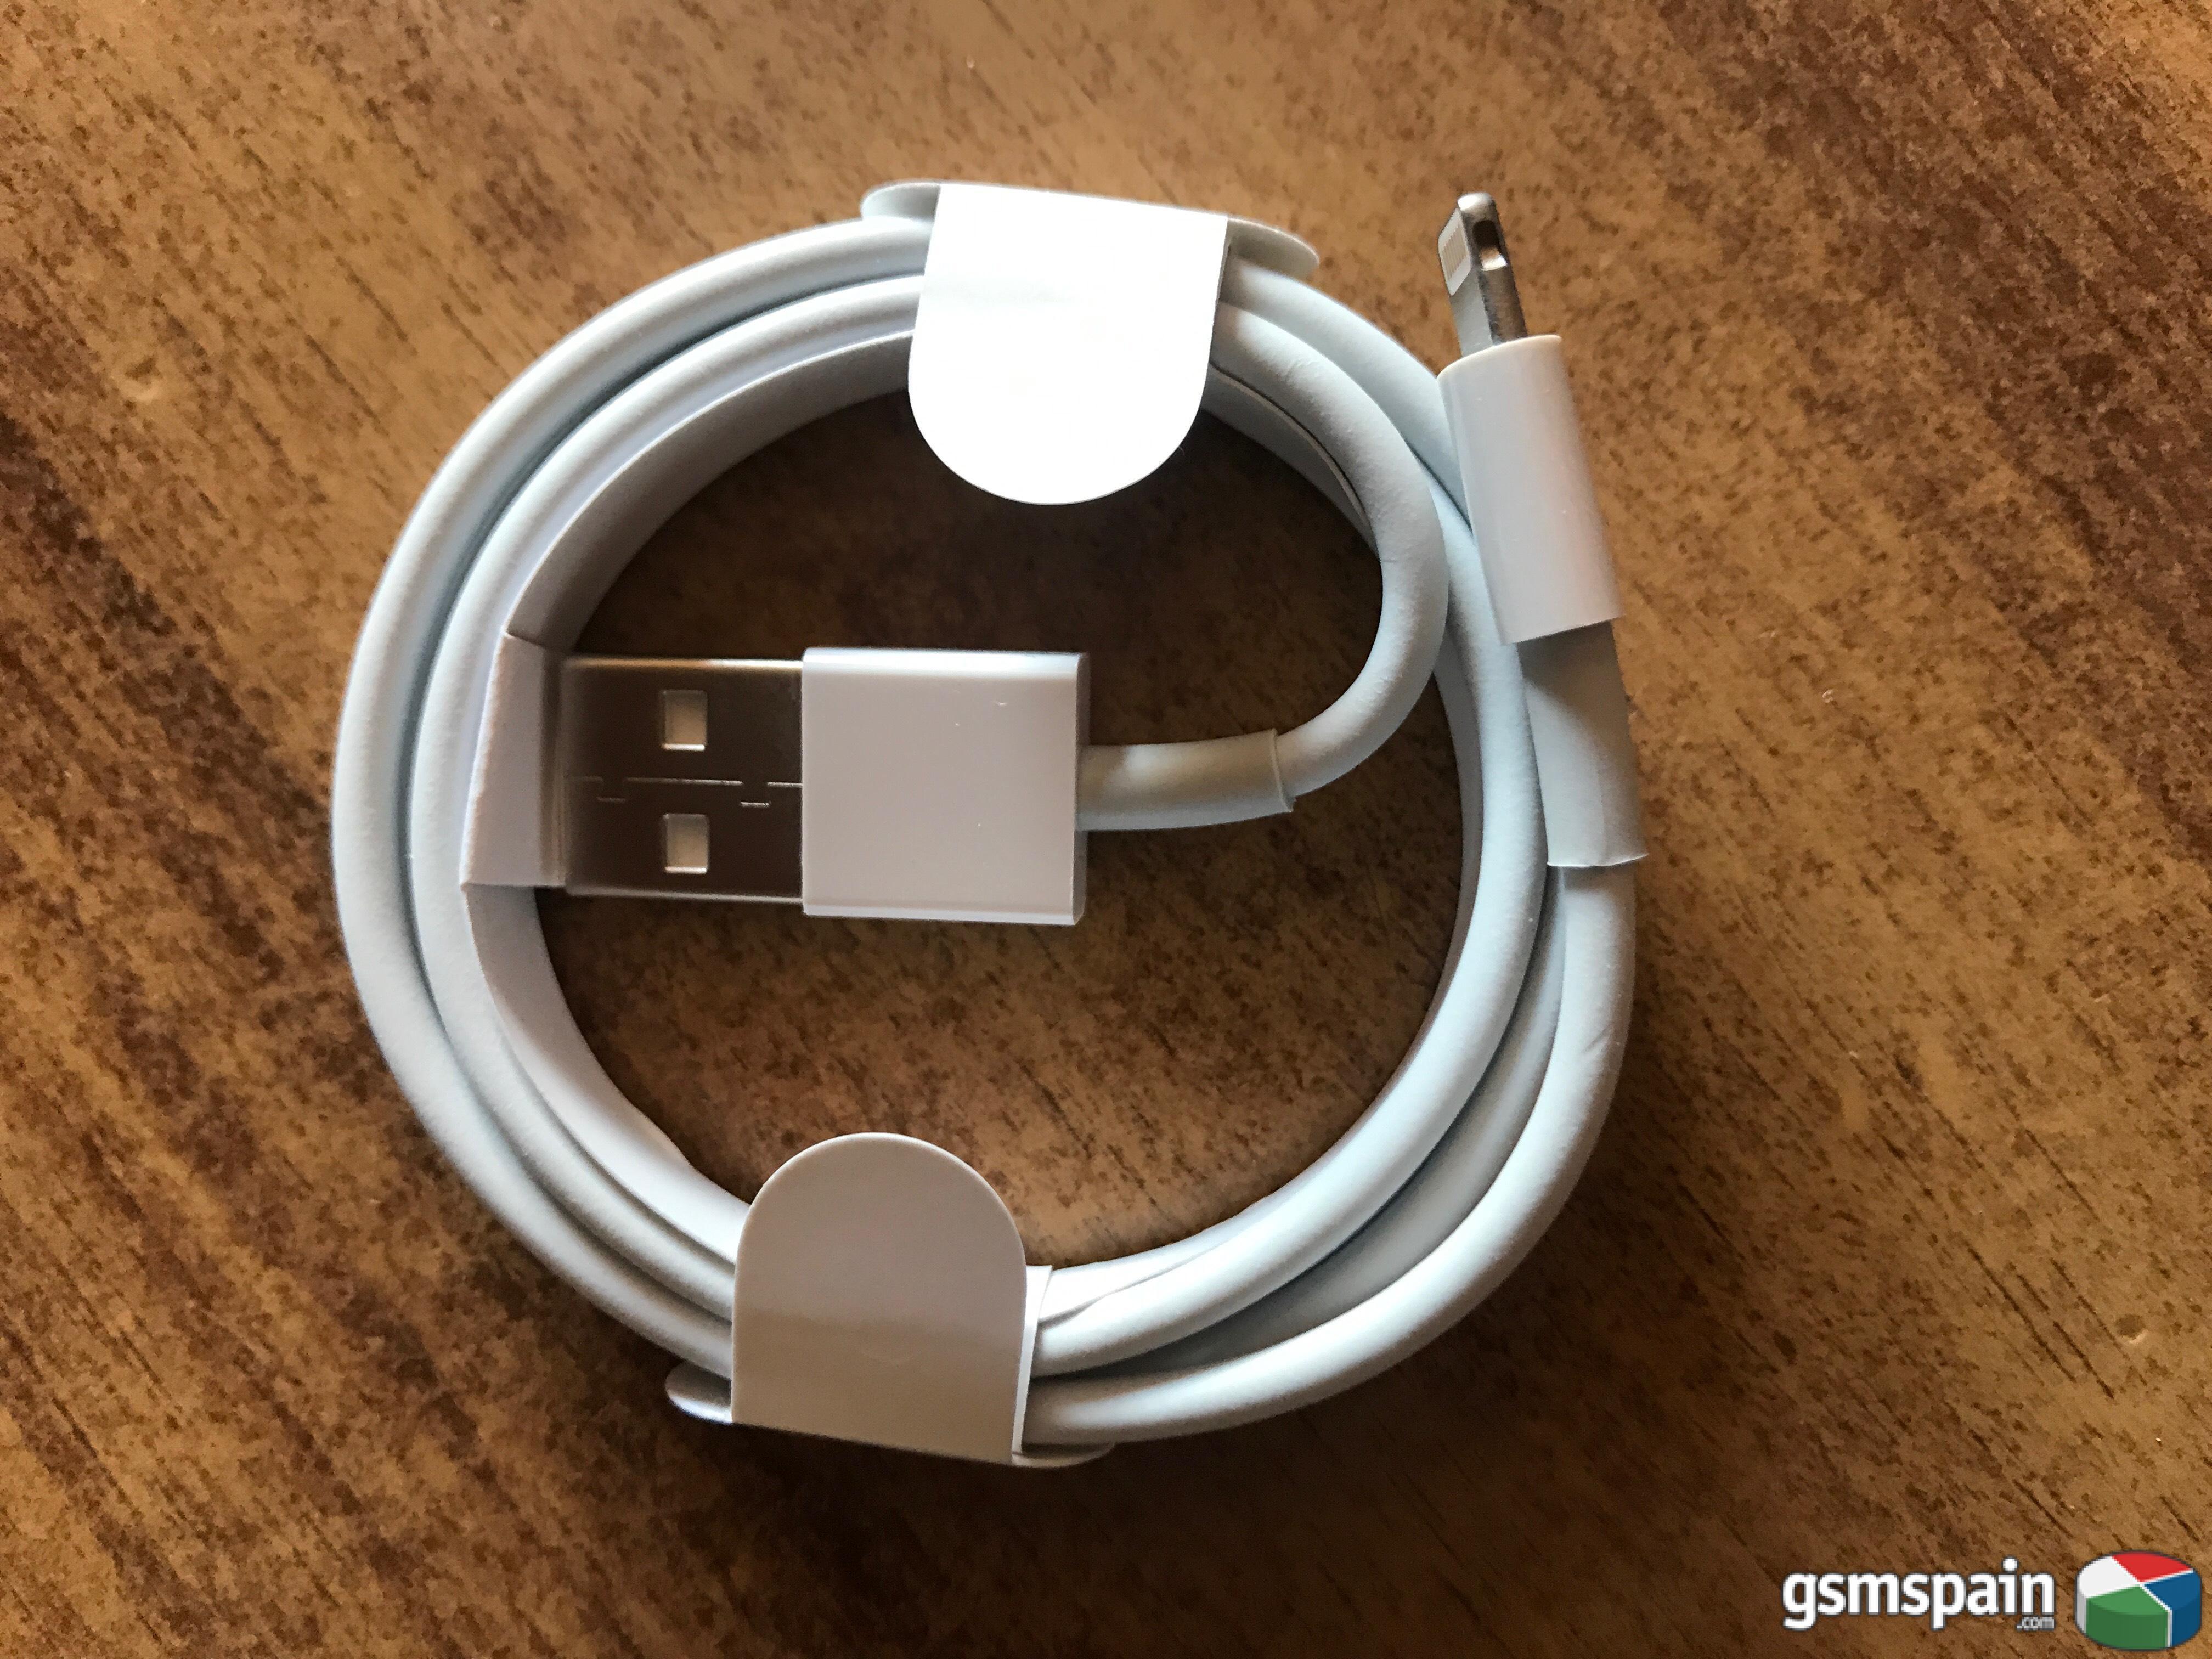 [VENDO] Cable USB Datos Original Apple iPhone 7, 7 Plus, 8, 8 Plus, X, iPad, iPod. 4,00€ g.i.